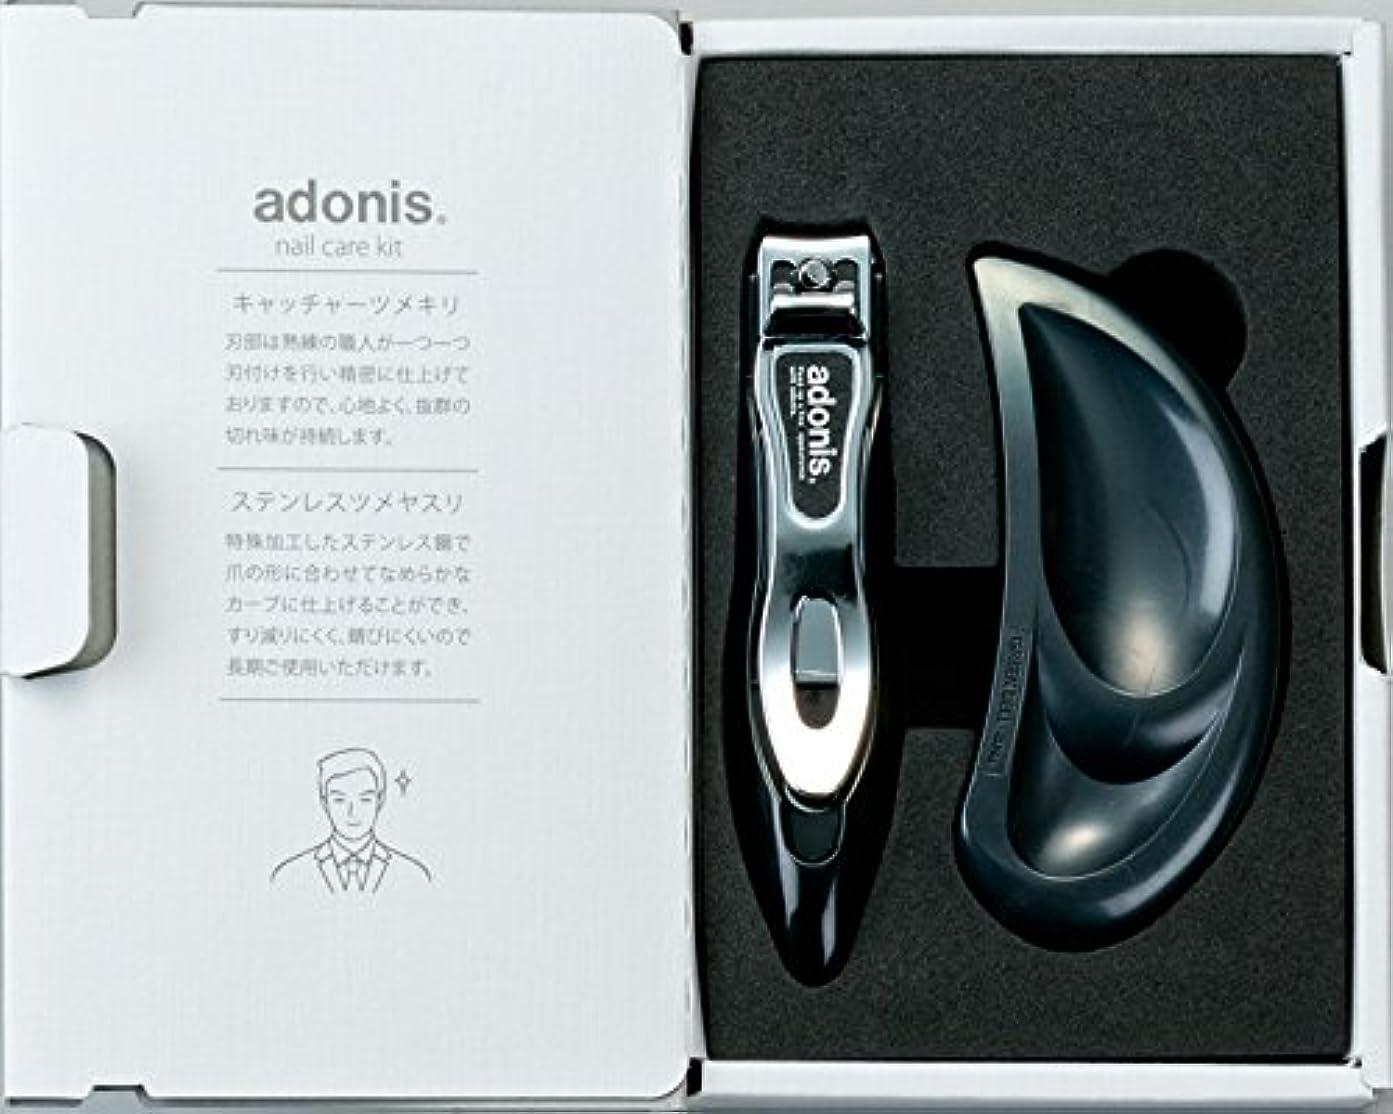 カセットくさびペーストアドニス(adonis) つめきり&つめやすりセット ブラック